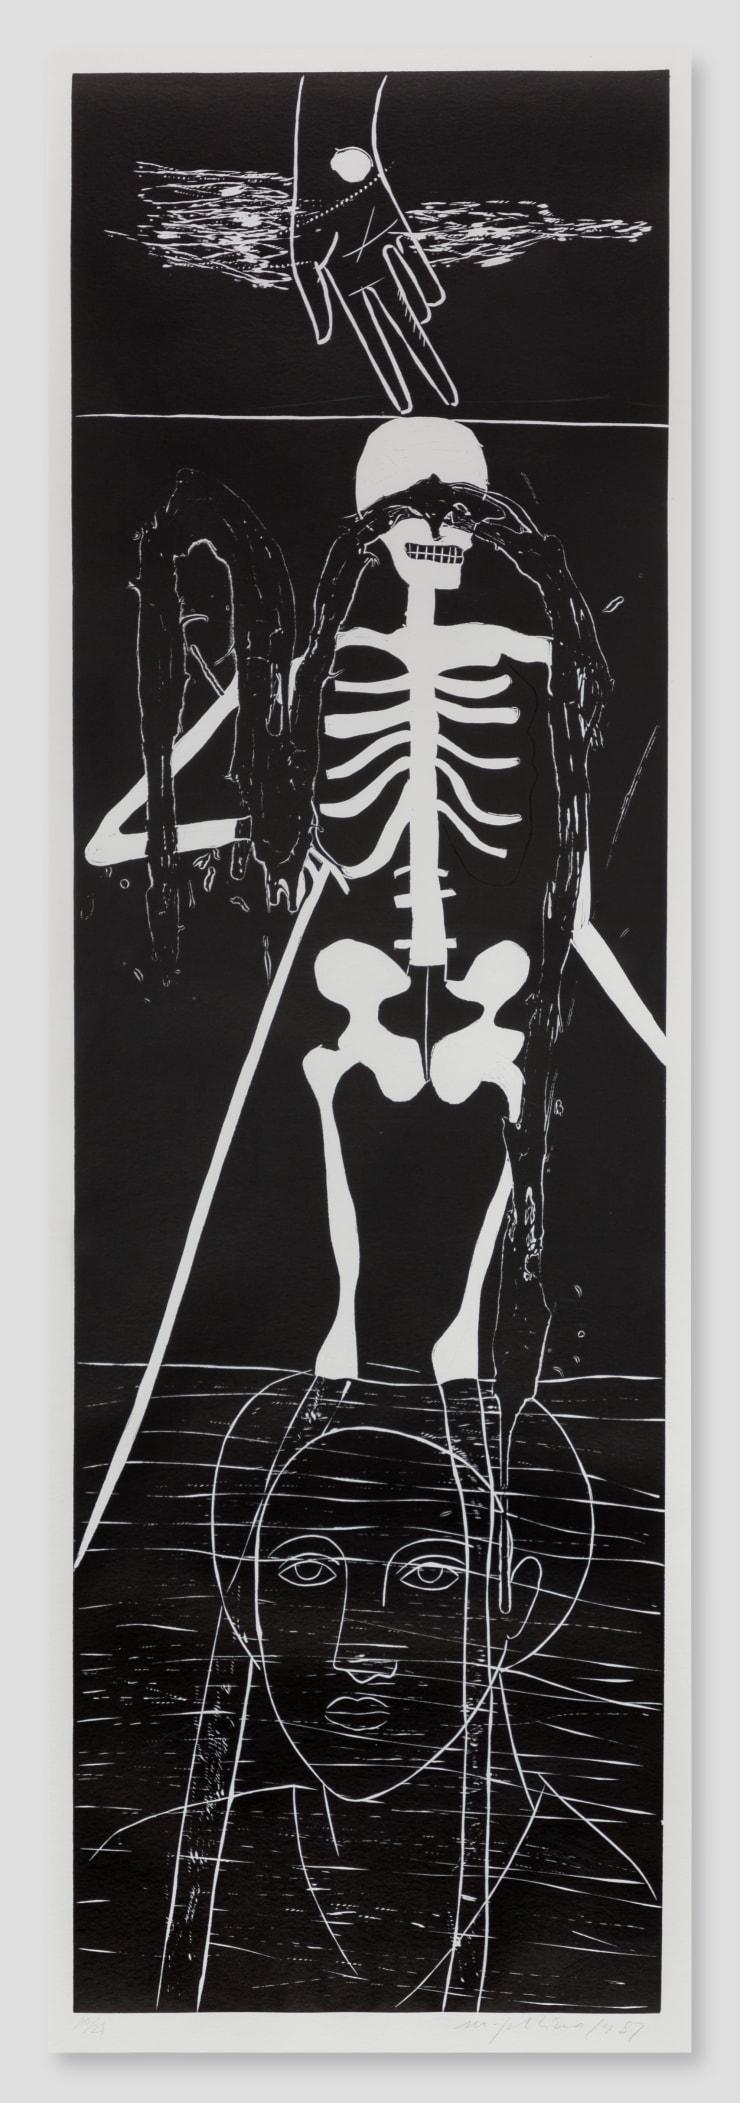 Mimmo Paladino, Atlantico VI (Skeleton), 1987